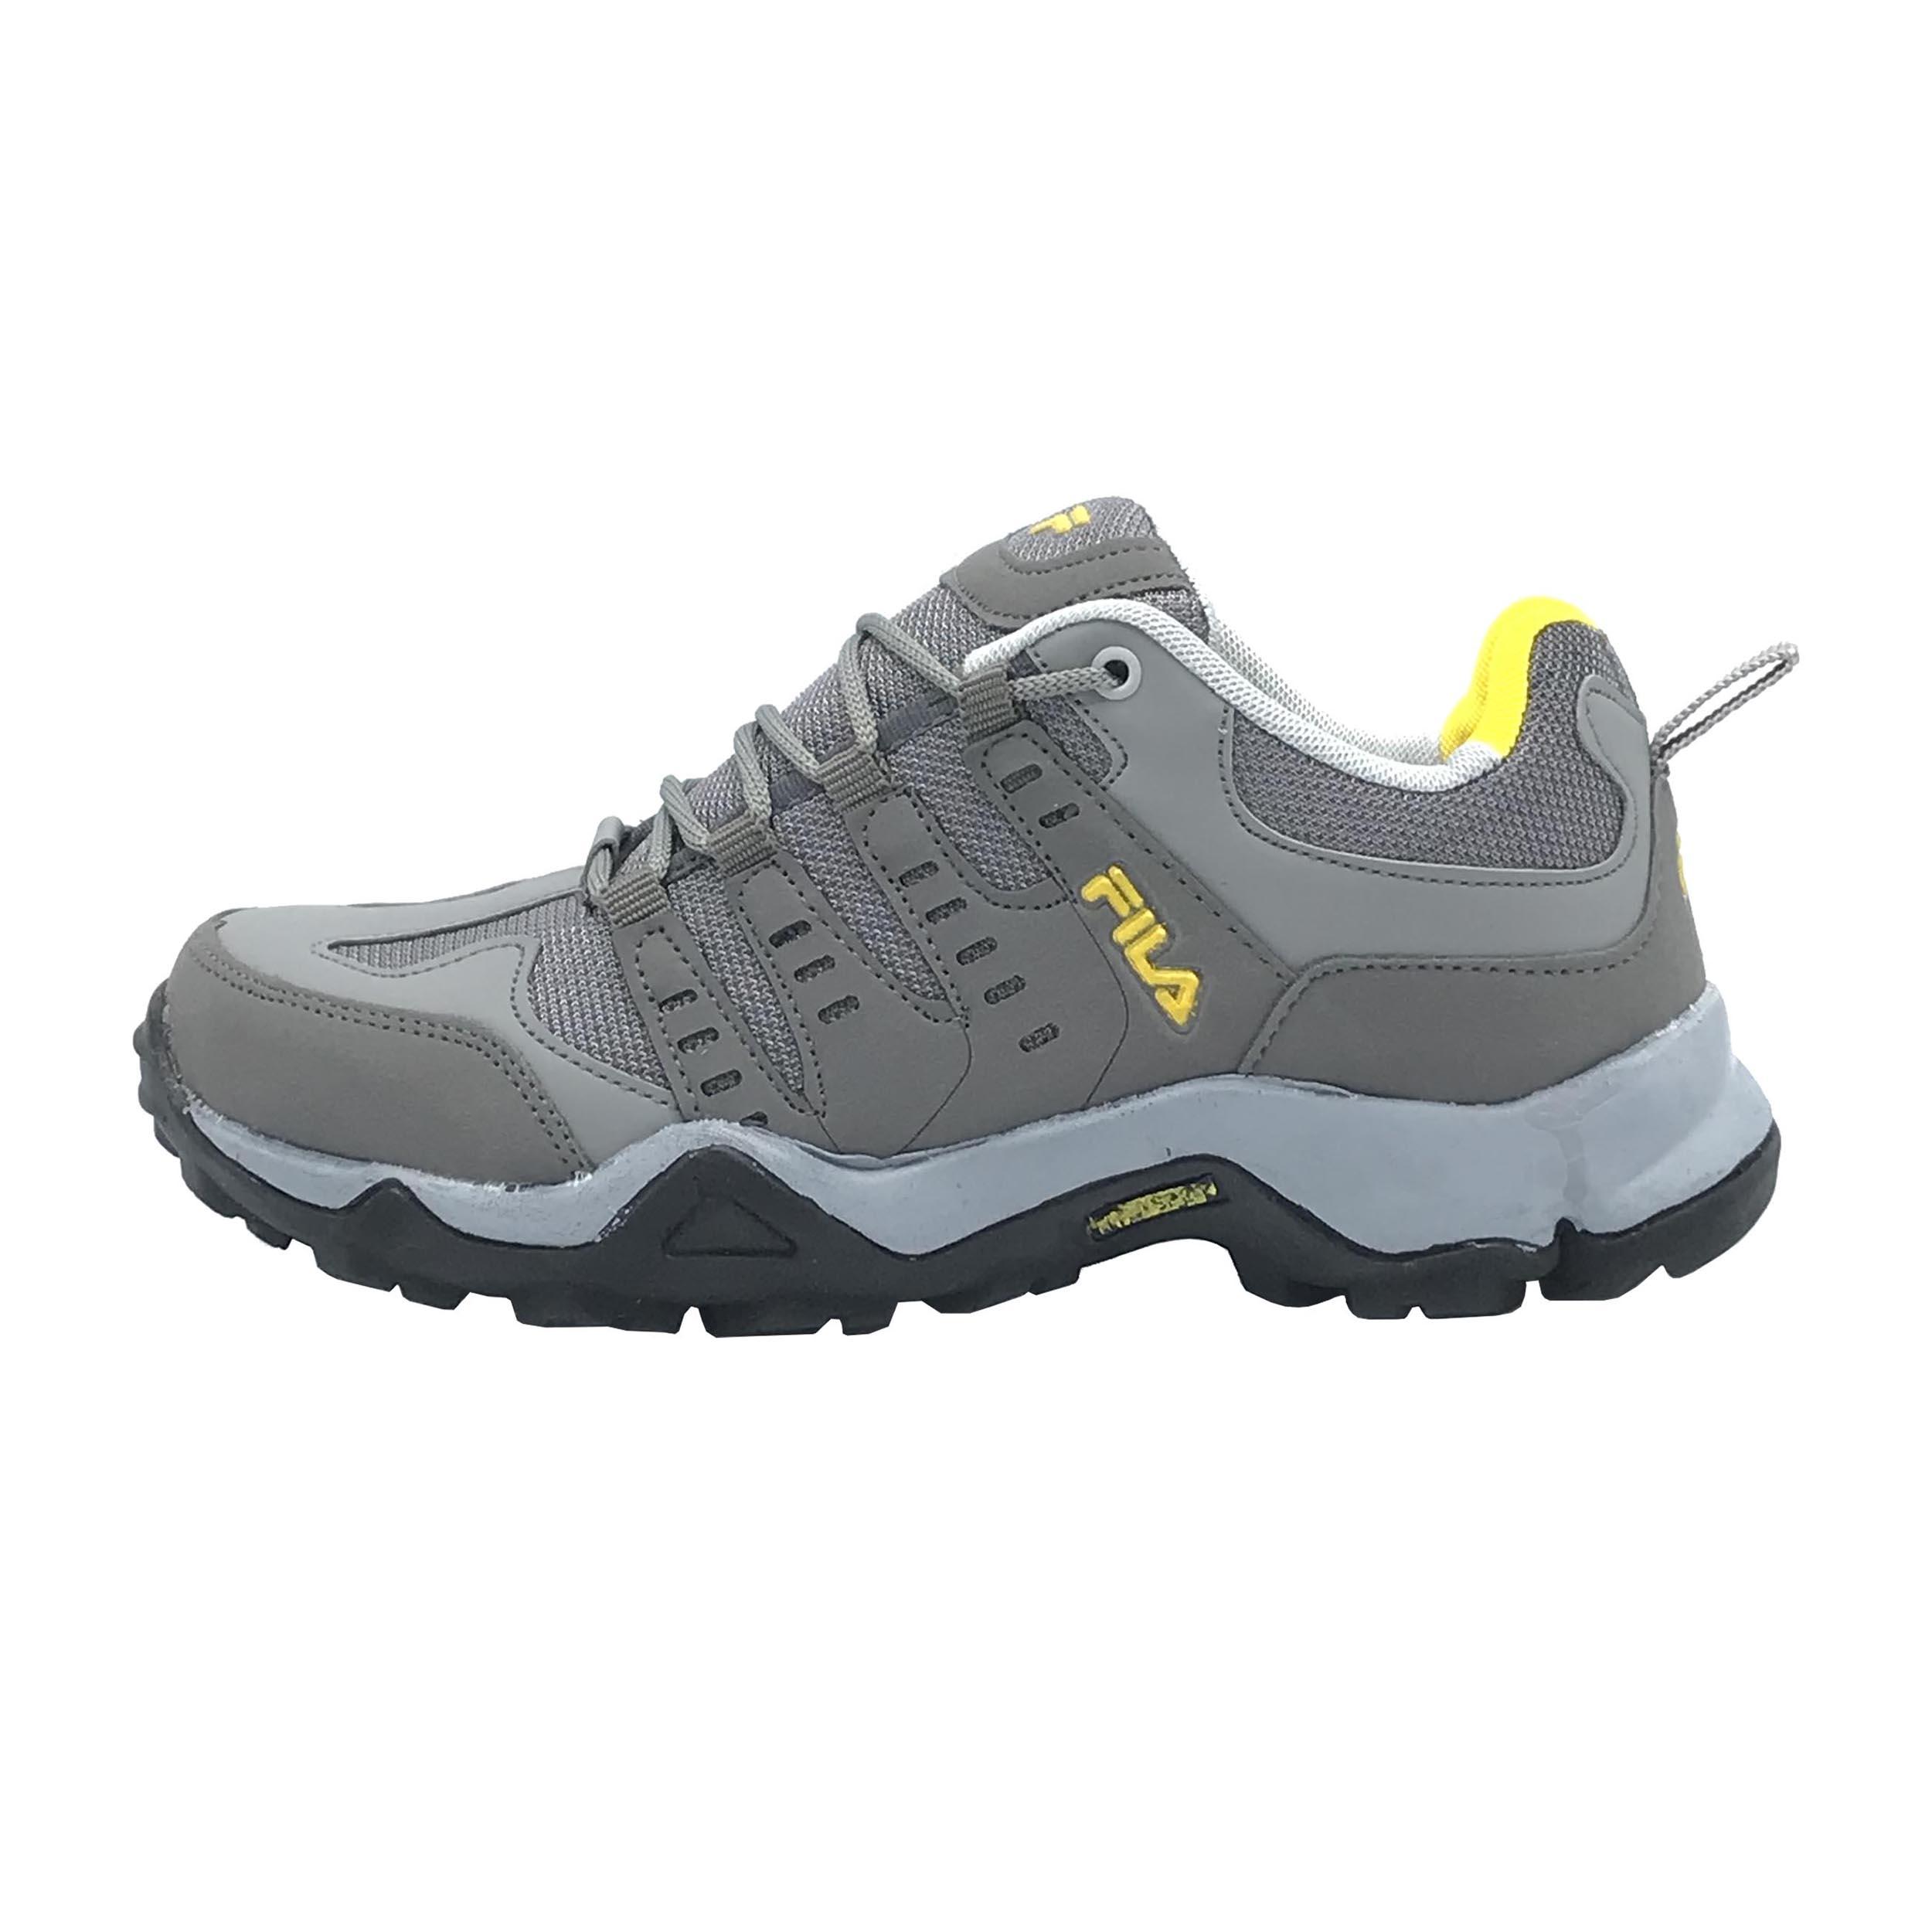 خرید                                      کفش راحتی مردانه مدل سپهر کد JB1199                     غیر اصل